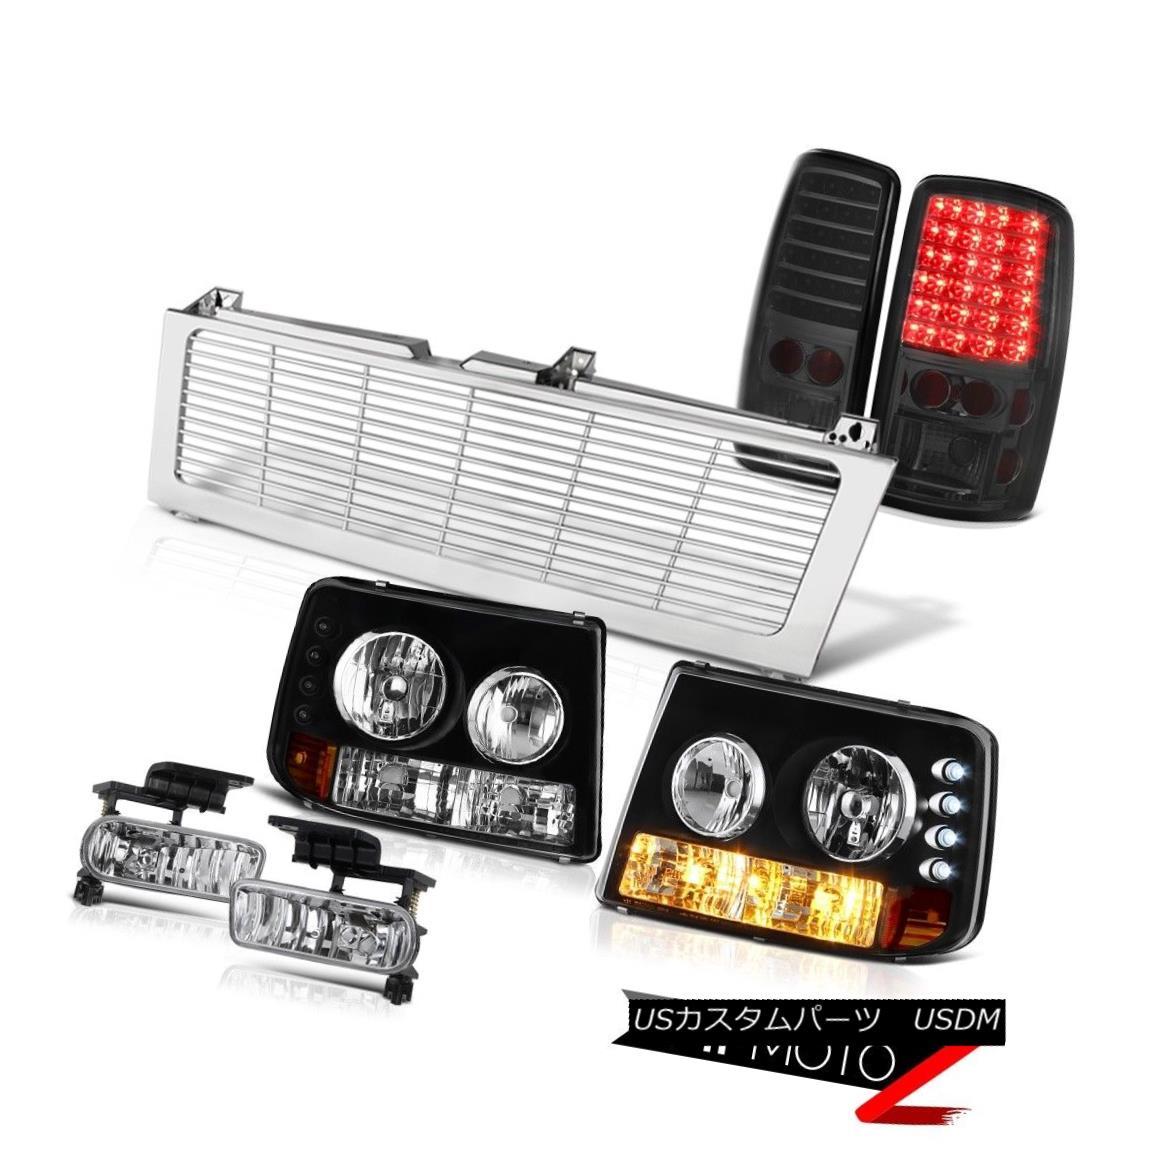 テールライト Headlights Bumper Tinted LED Brake Lights Chrome Fog Grille 2000-2006 Tahoe LS ヘッドライトバンパー着色LEDブレーキライトクロムフォググリル2000-2006タホLS